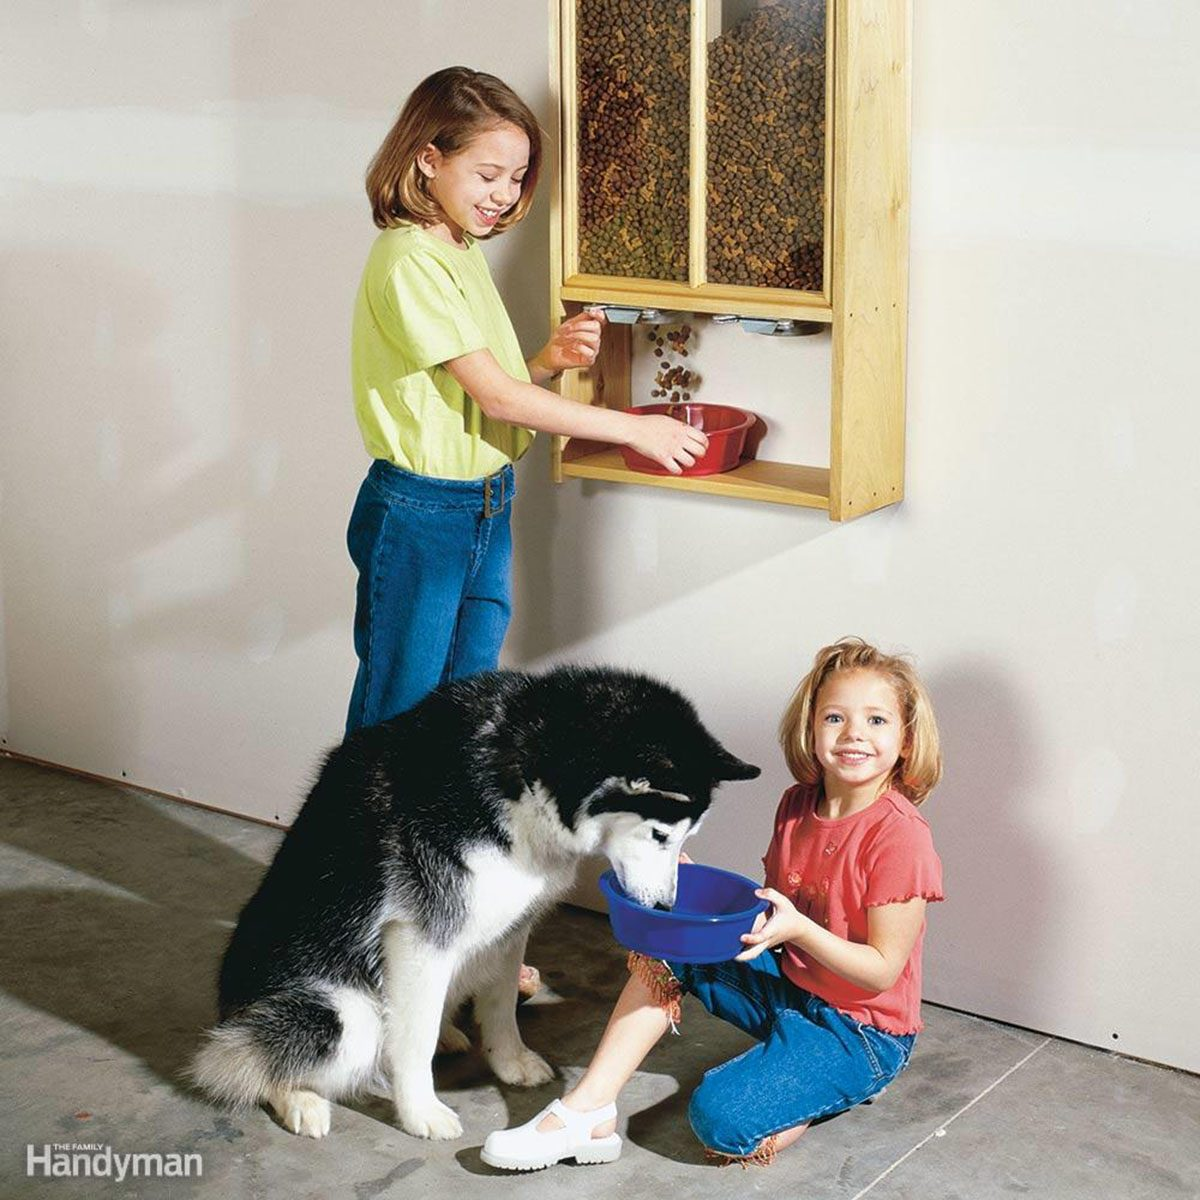 Two kids feeding husky